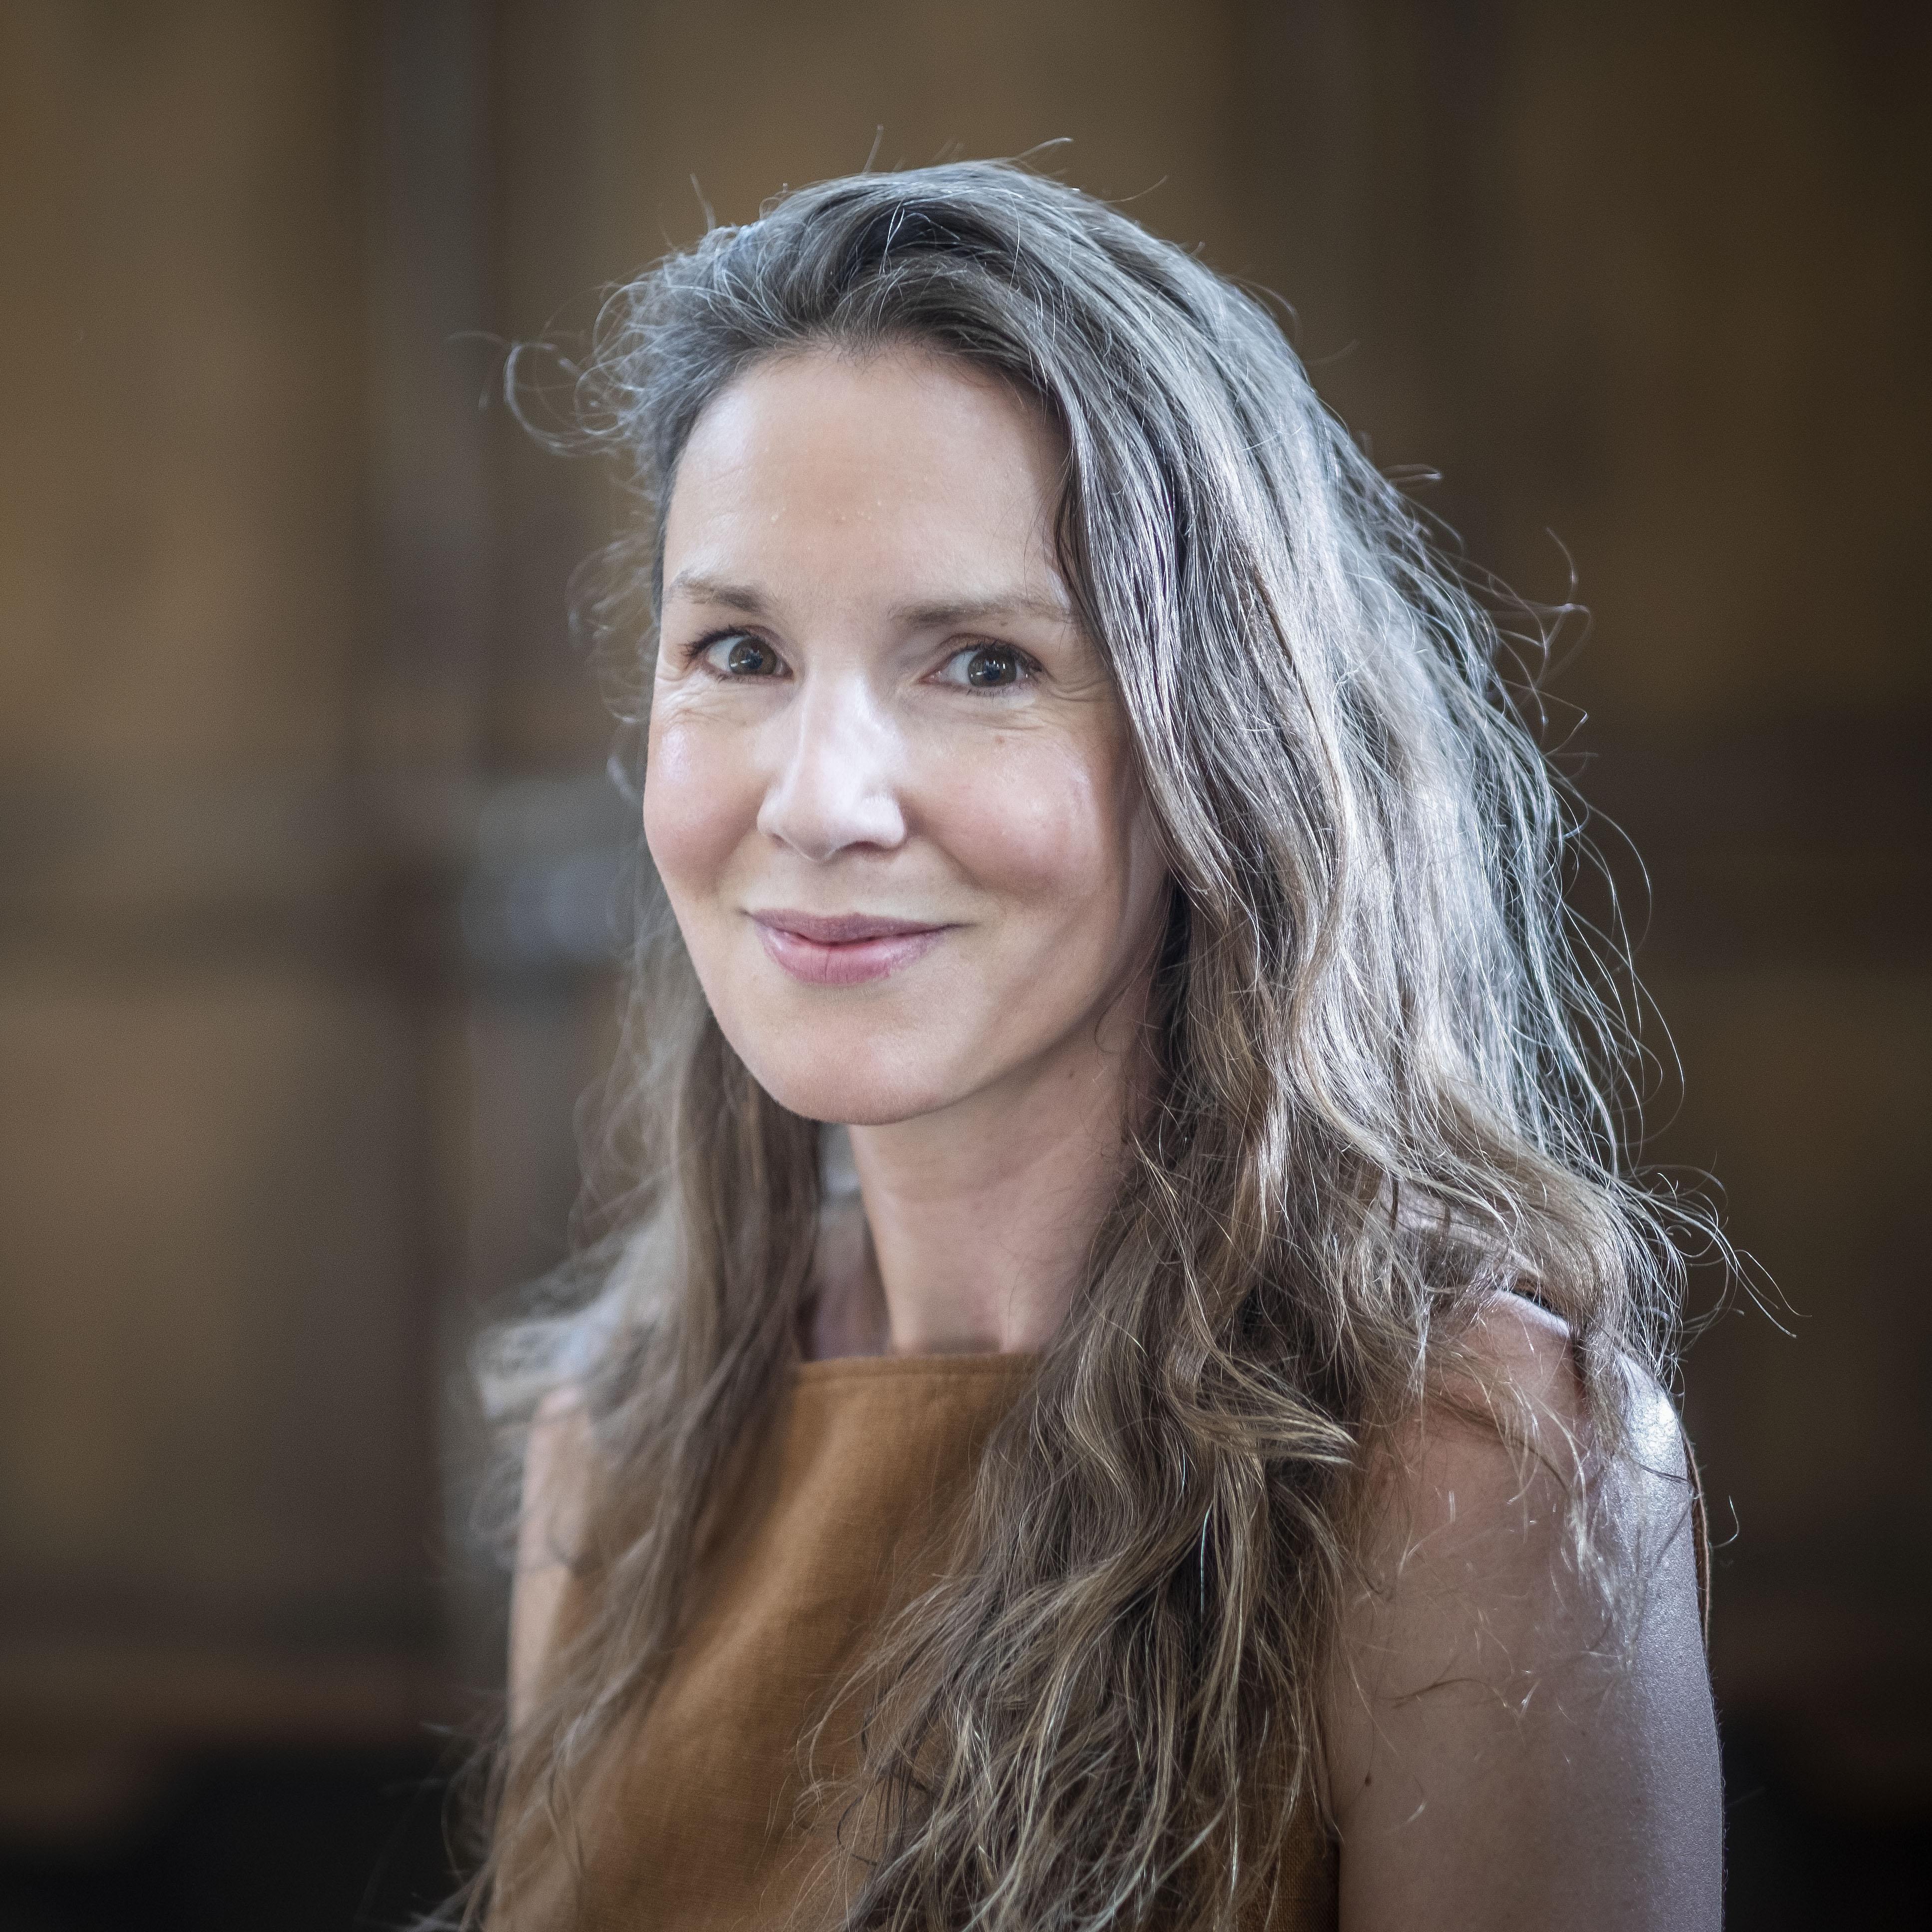 """Terug naar de polder van haar jeugd. Schrijfster Renske Jonkman over het landschap: ,,Je realiseert je niet hoe makkelijk het allemaal kan wegspoelen."""""""